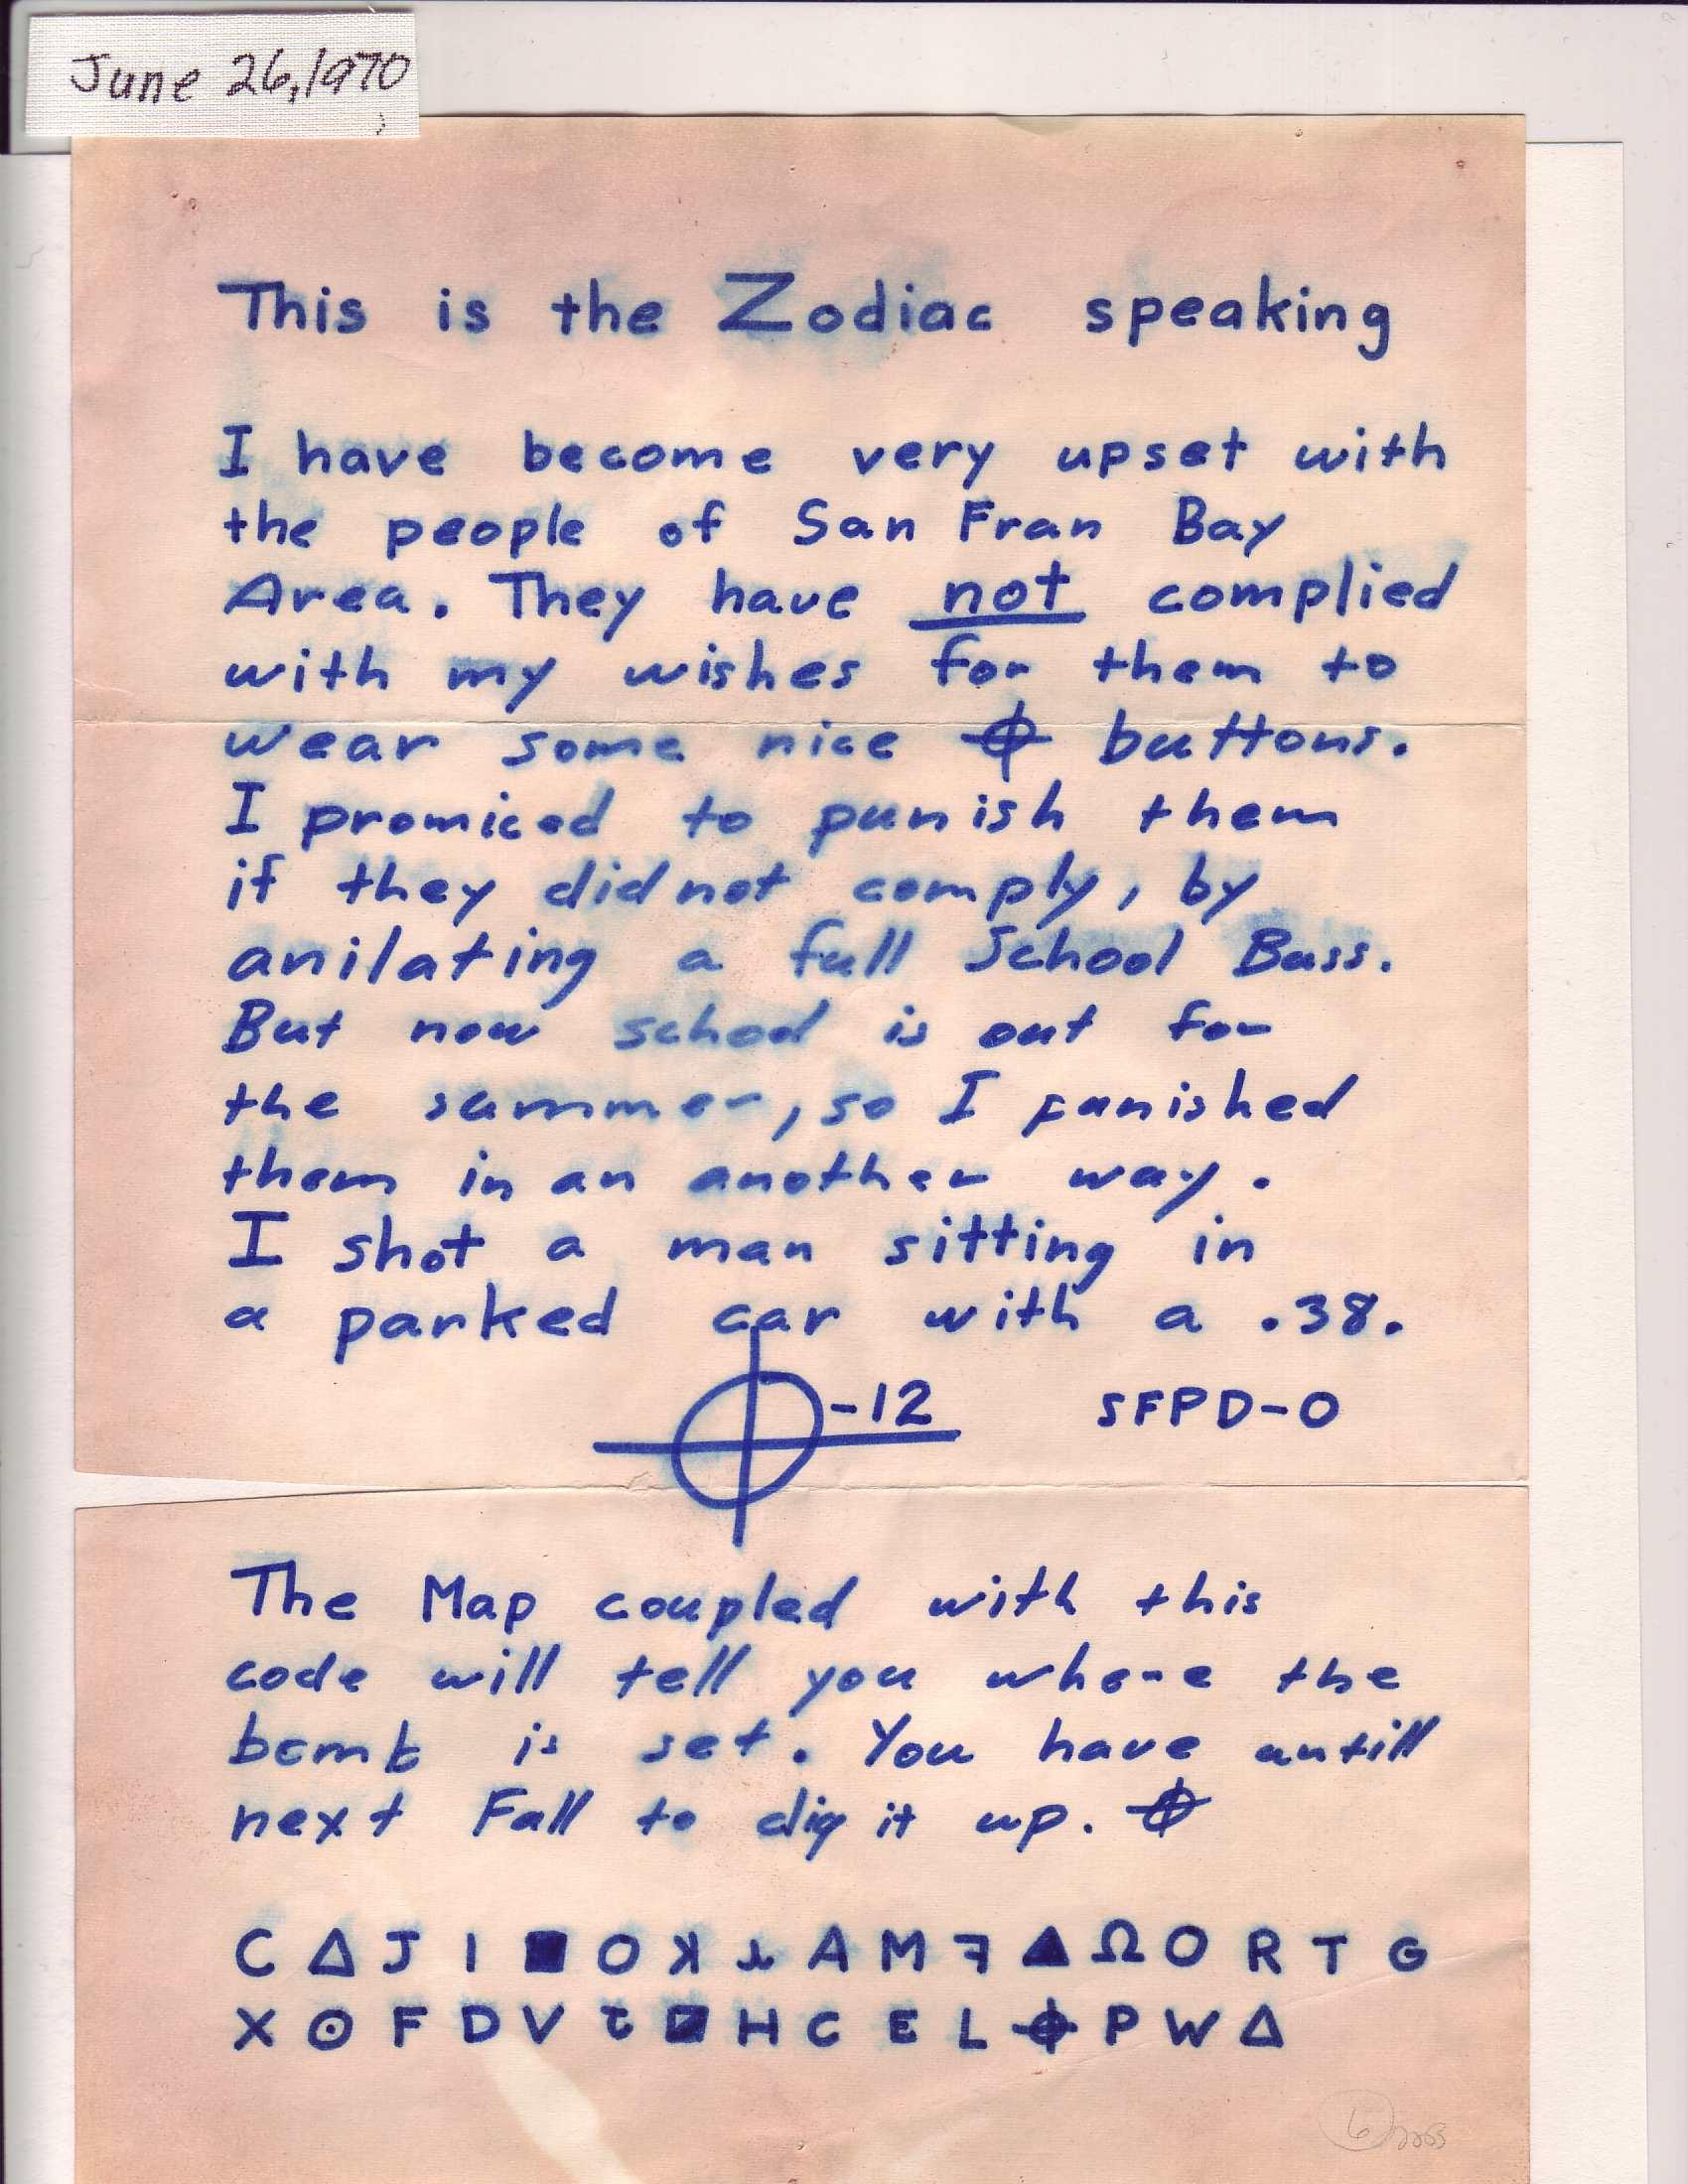 letter 1970.6.26